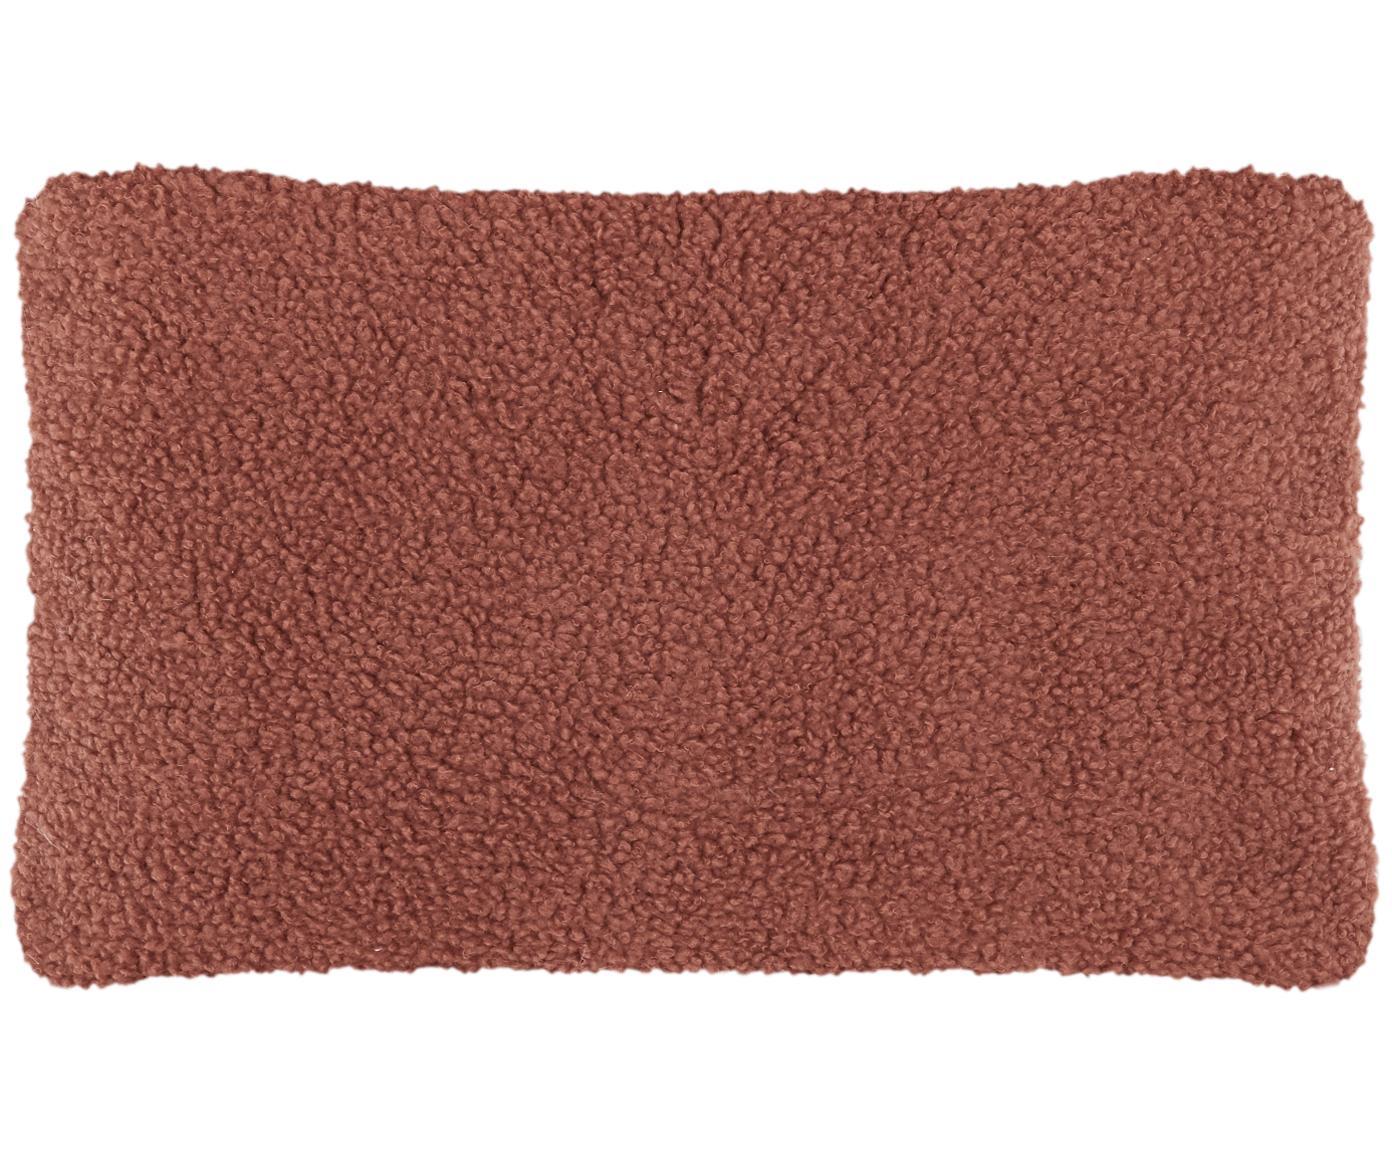 Poszewka na poduszkę Teddy Mille, Terakota, S 30 x D 50 cm